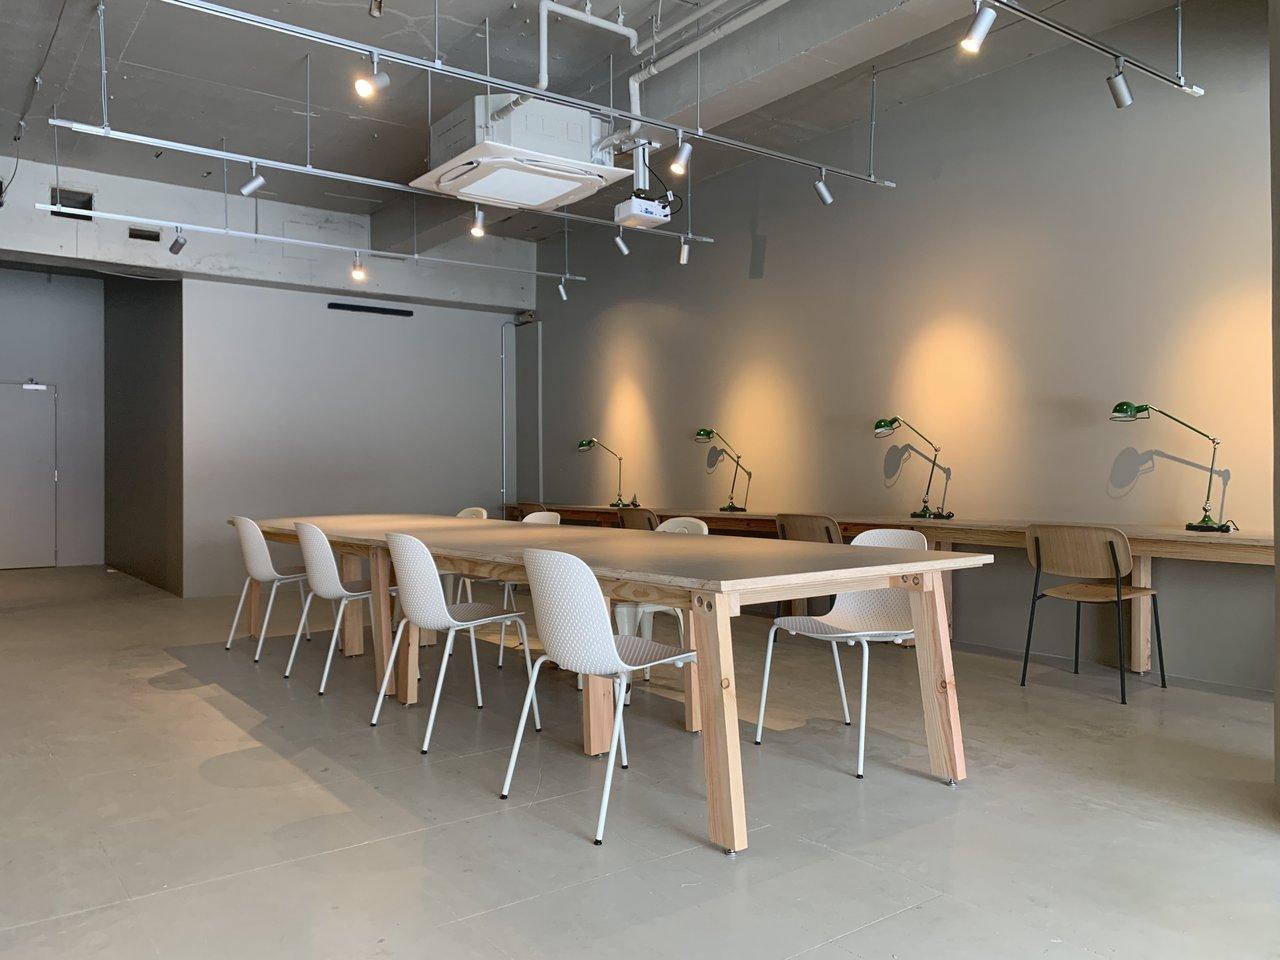 1階のコワーキングエリアを自由に使えるラウンジプランなら、一人でも気軽に使えます。家だと集中できない、でもカフェに行くと気が散りすぎる……。そんな時の仕事場として活用してみてはいかがでしょう。